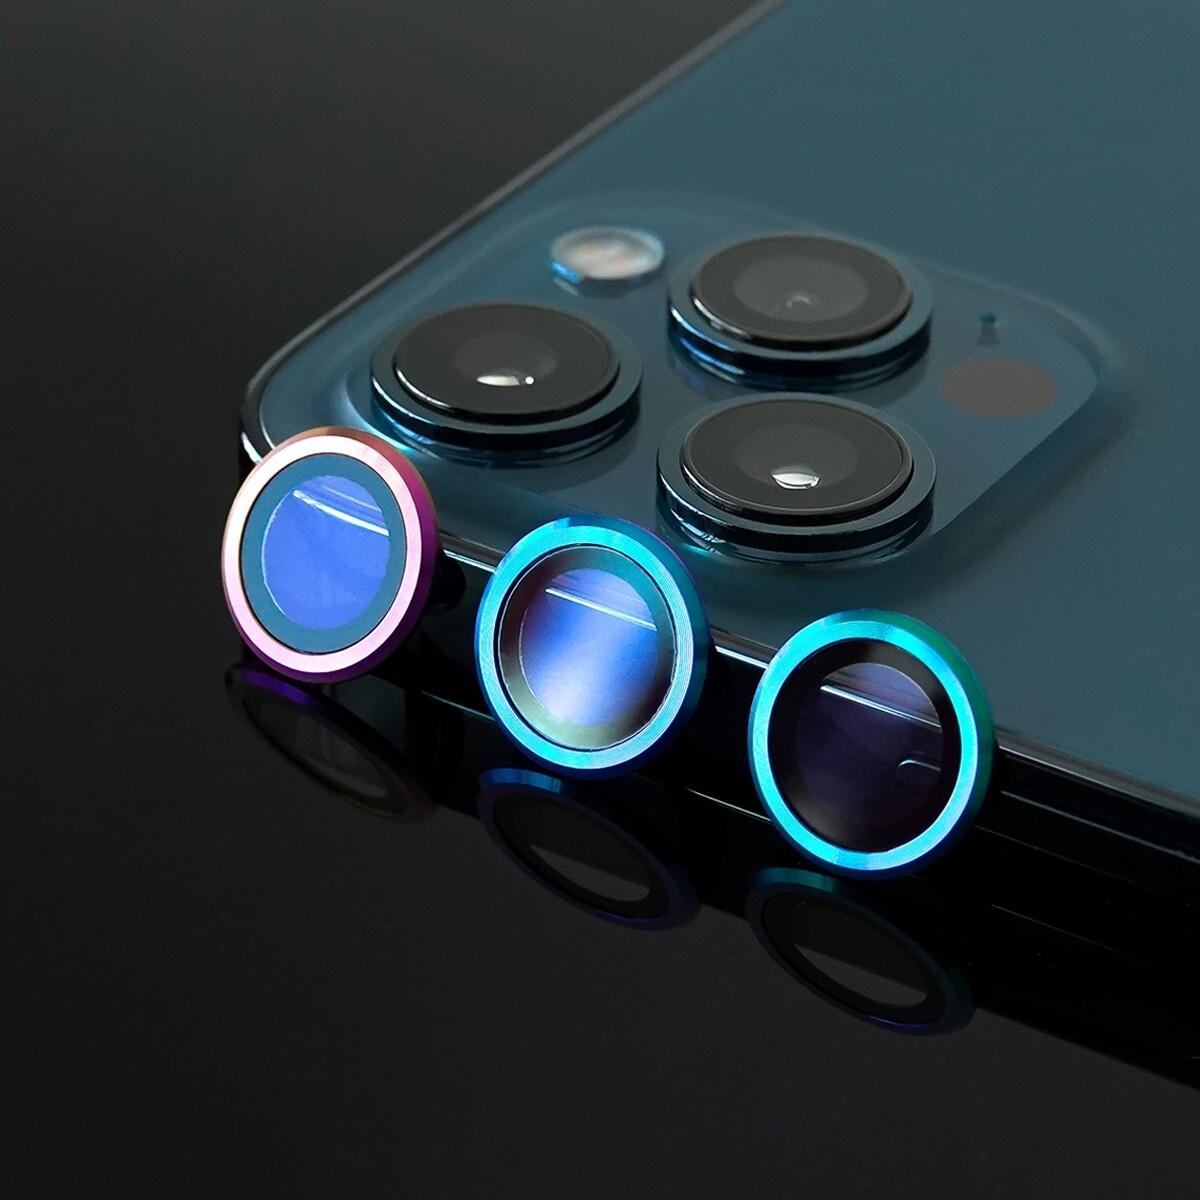 เลนส์กล้อง iphone 12 ฟิล์มกล้อง iphone 12 เลนส์กล้องไอโฟน12 เลนส์กล้อง iphone 12 ฟิล์มกล้องไอโฟน12 For iphone 12 / 12 mini / 12 Pro / 12 Promax / COCO-3C